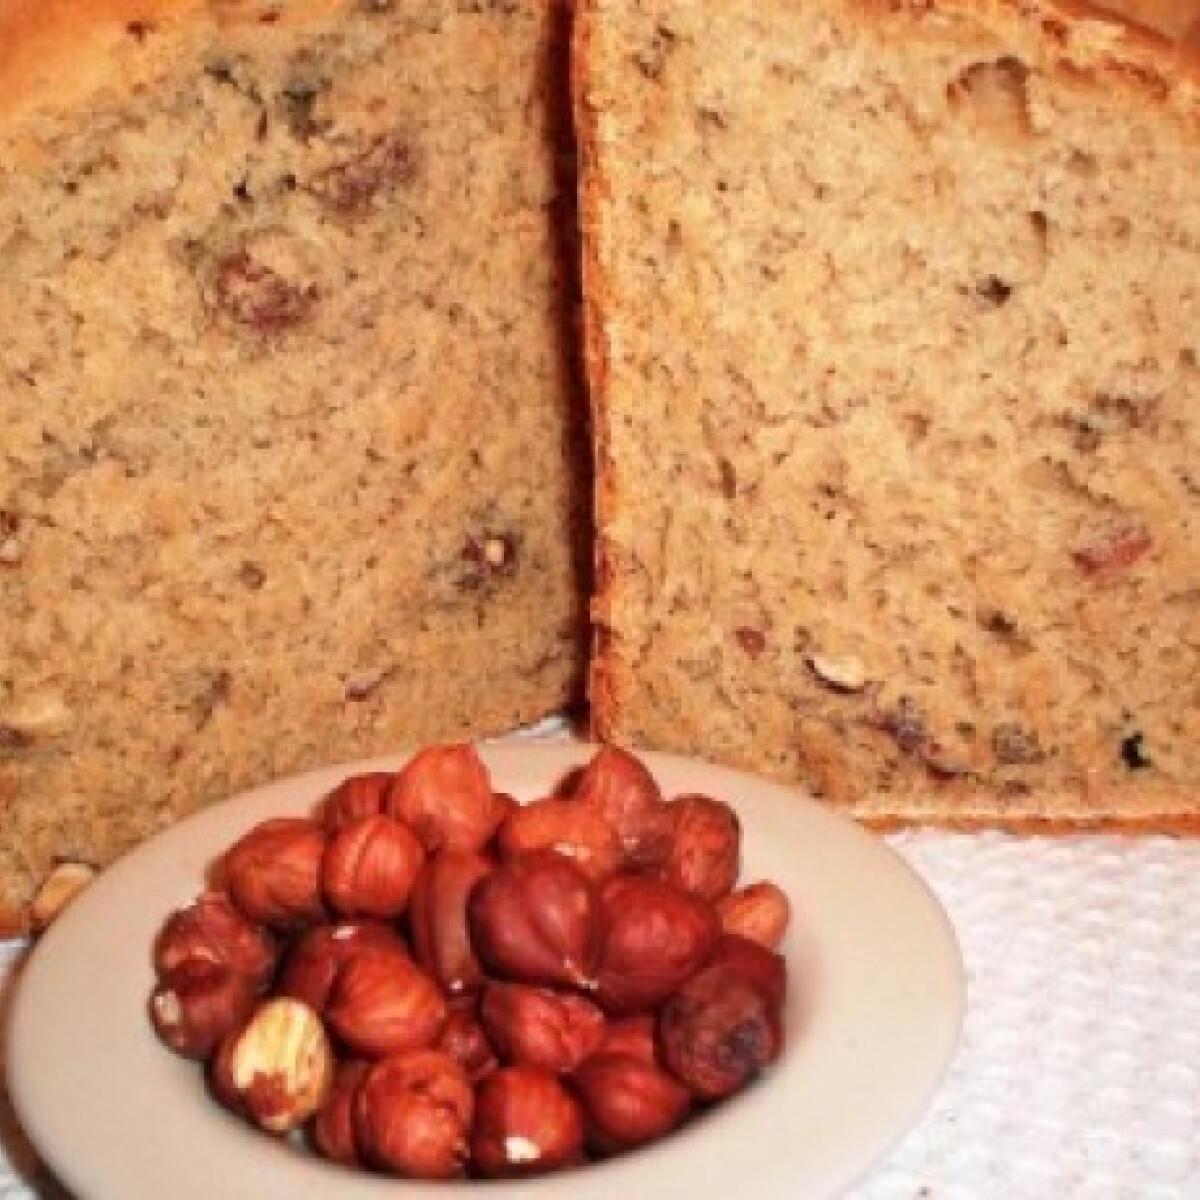 Mogyorós kenyér kenyérsütő gépben